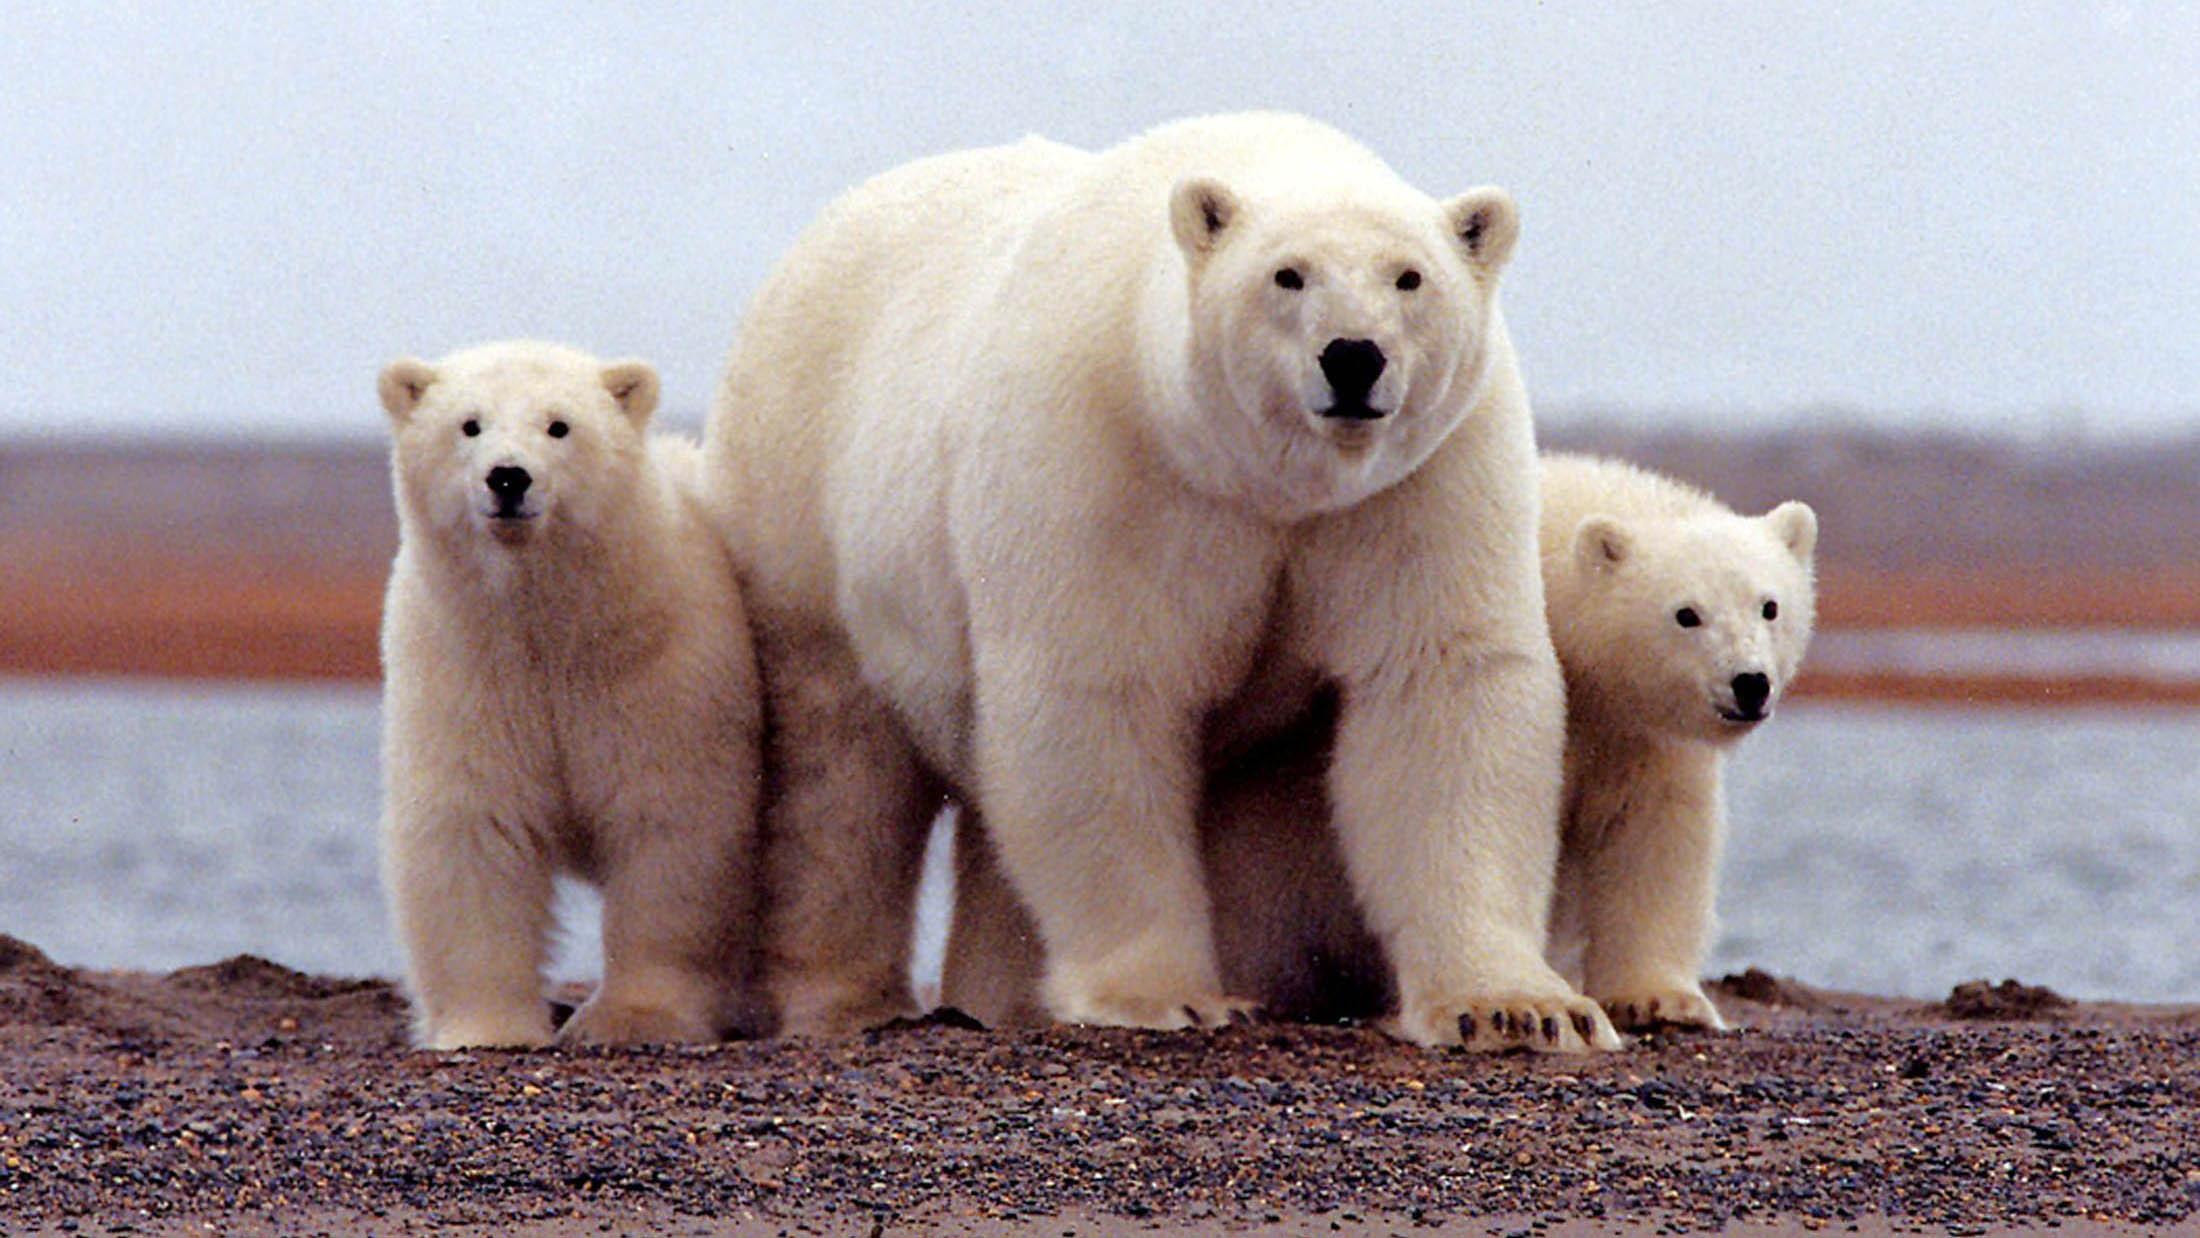 北冰洋的海冰加速消融,北极熊面临生存威胁。(路透社)